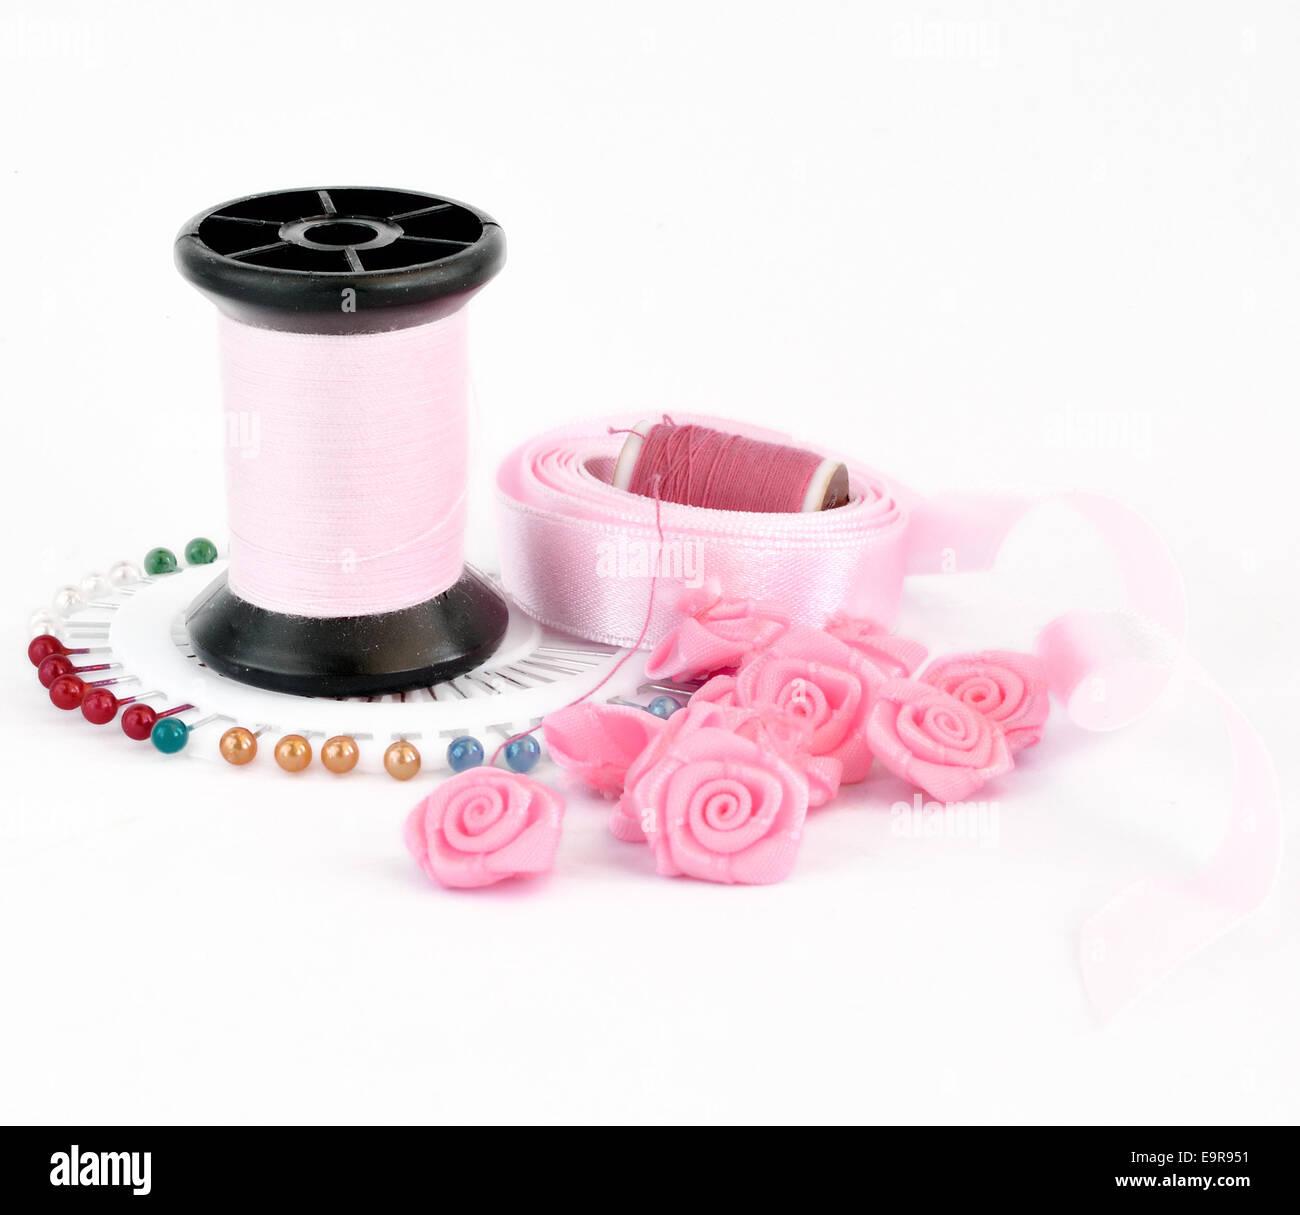 Rosa de coser accesorios, aislado en un blanco Foto de stock